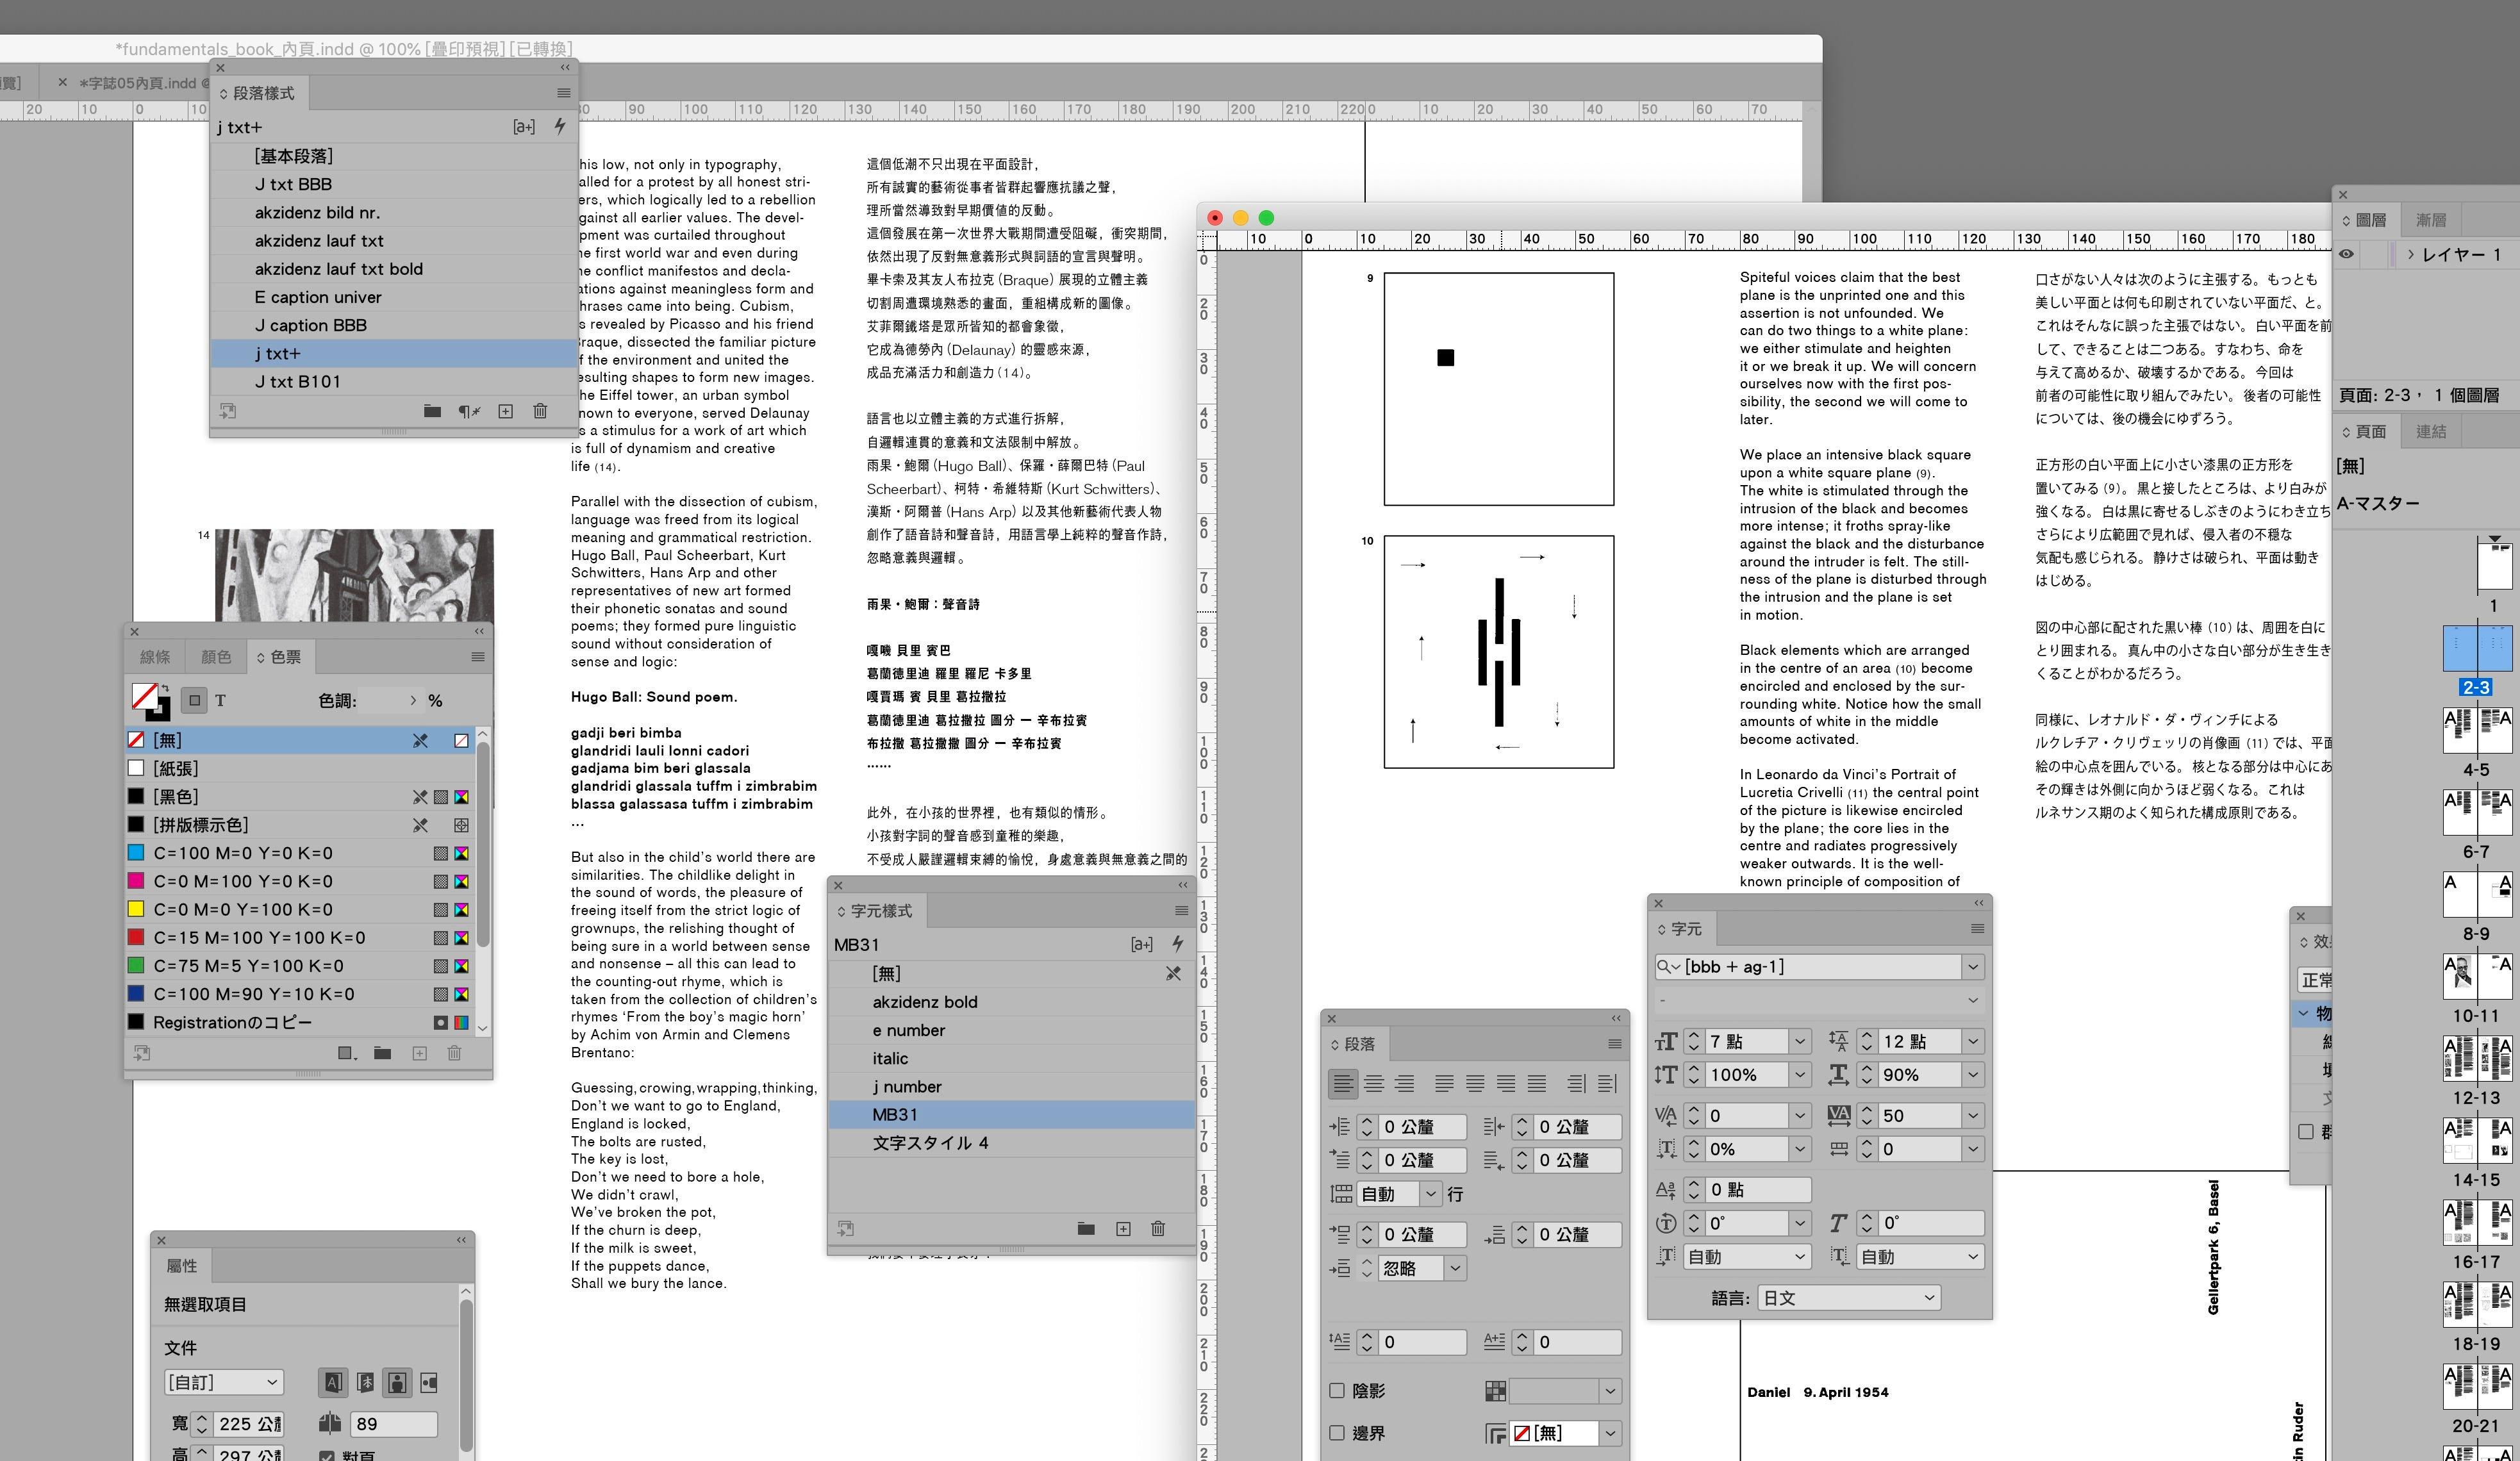 葉忠宜:從喚起到重視 催化字體探索   Yeh Chung-Yi: From Awareness to Appreciation, the Catalyst Person for Typography Quest   by ...